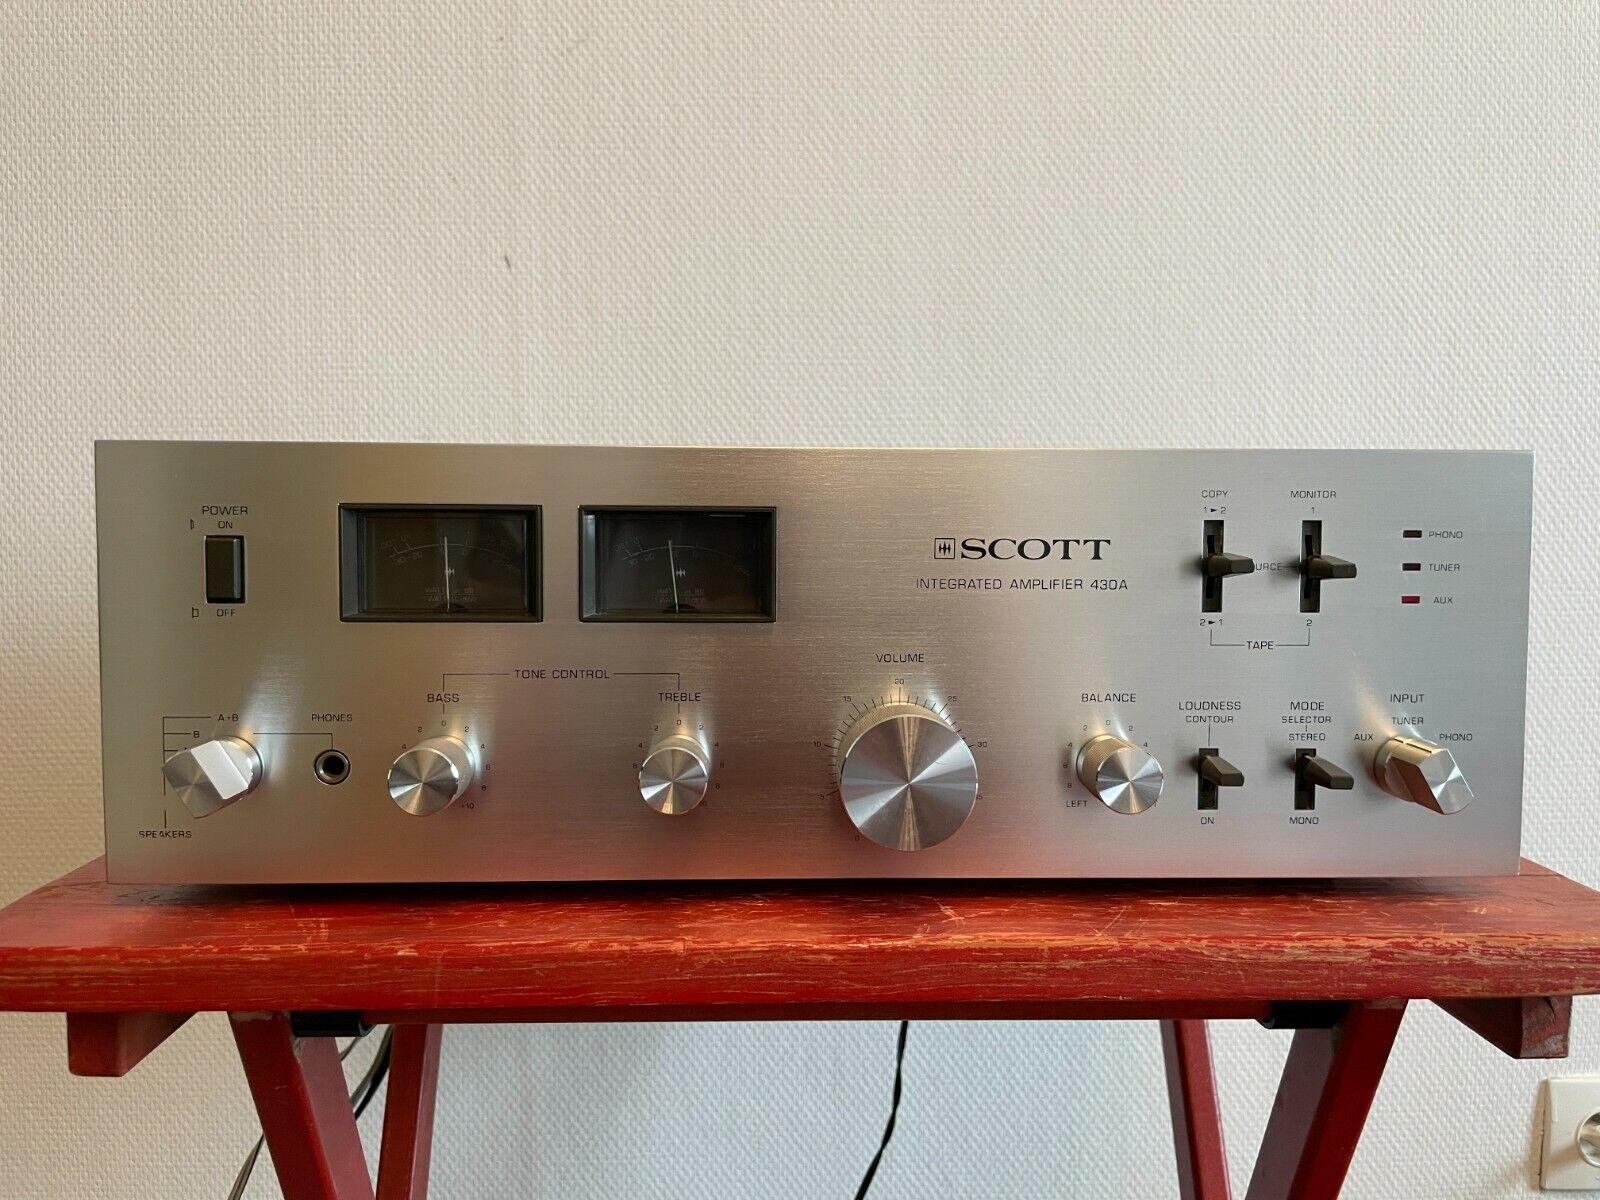 Scott 430a stereo integrated amplifier amplificateur stéréo intégré